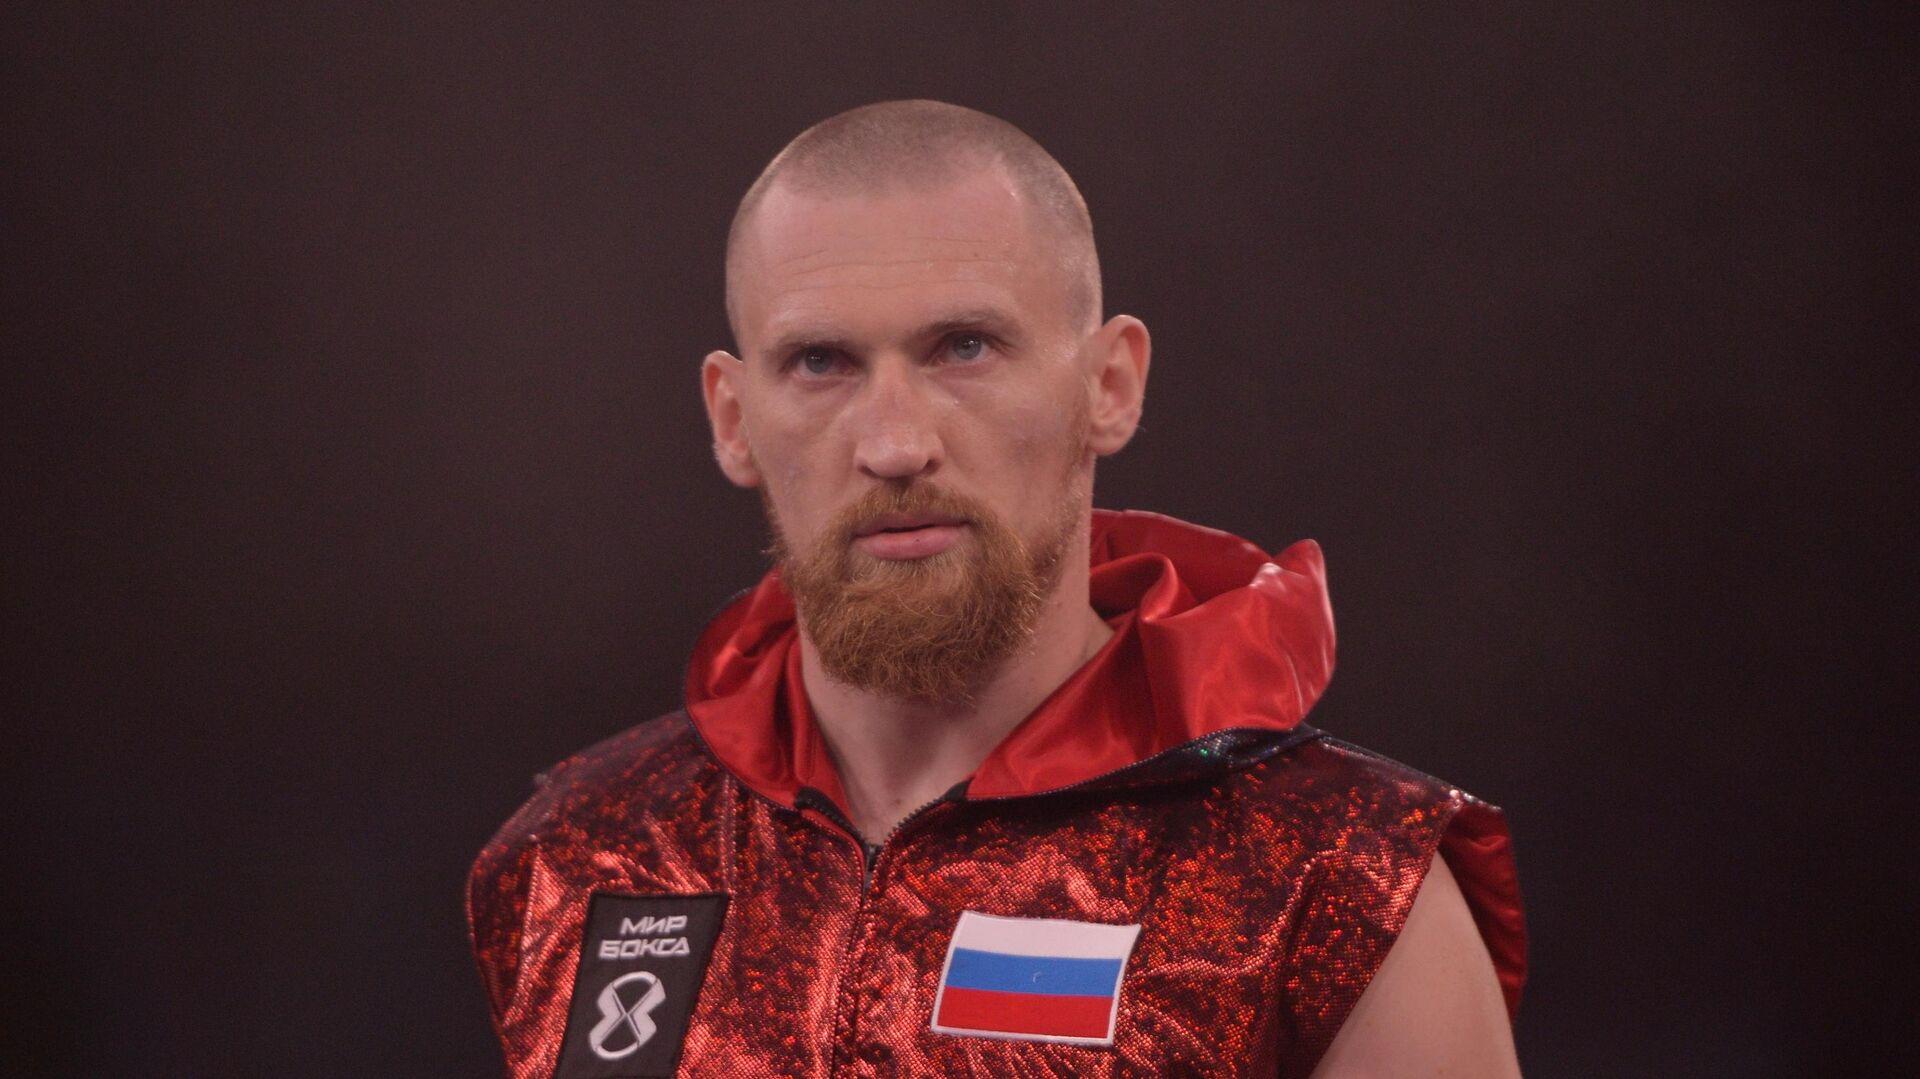 Боксерское шоу в Екатеринбурге - РИА Новости, 1920, 25.05.2021